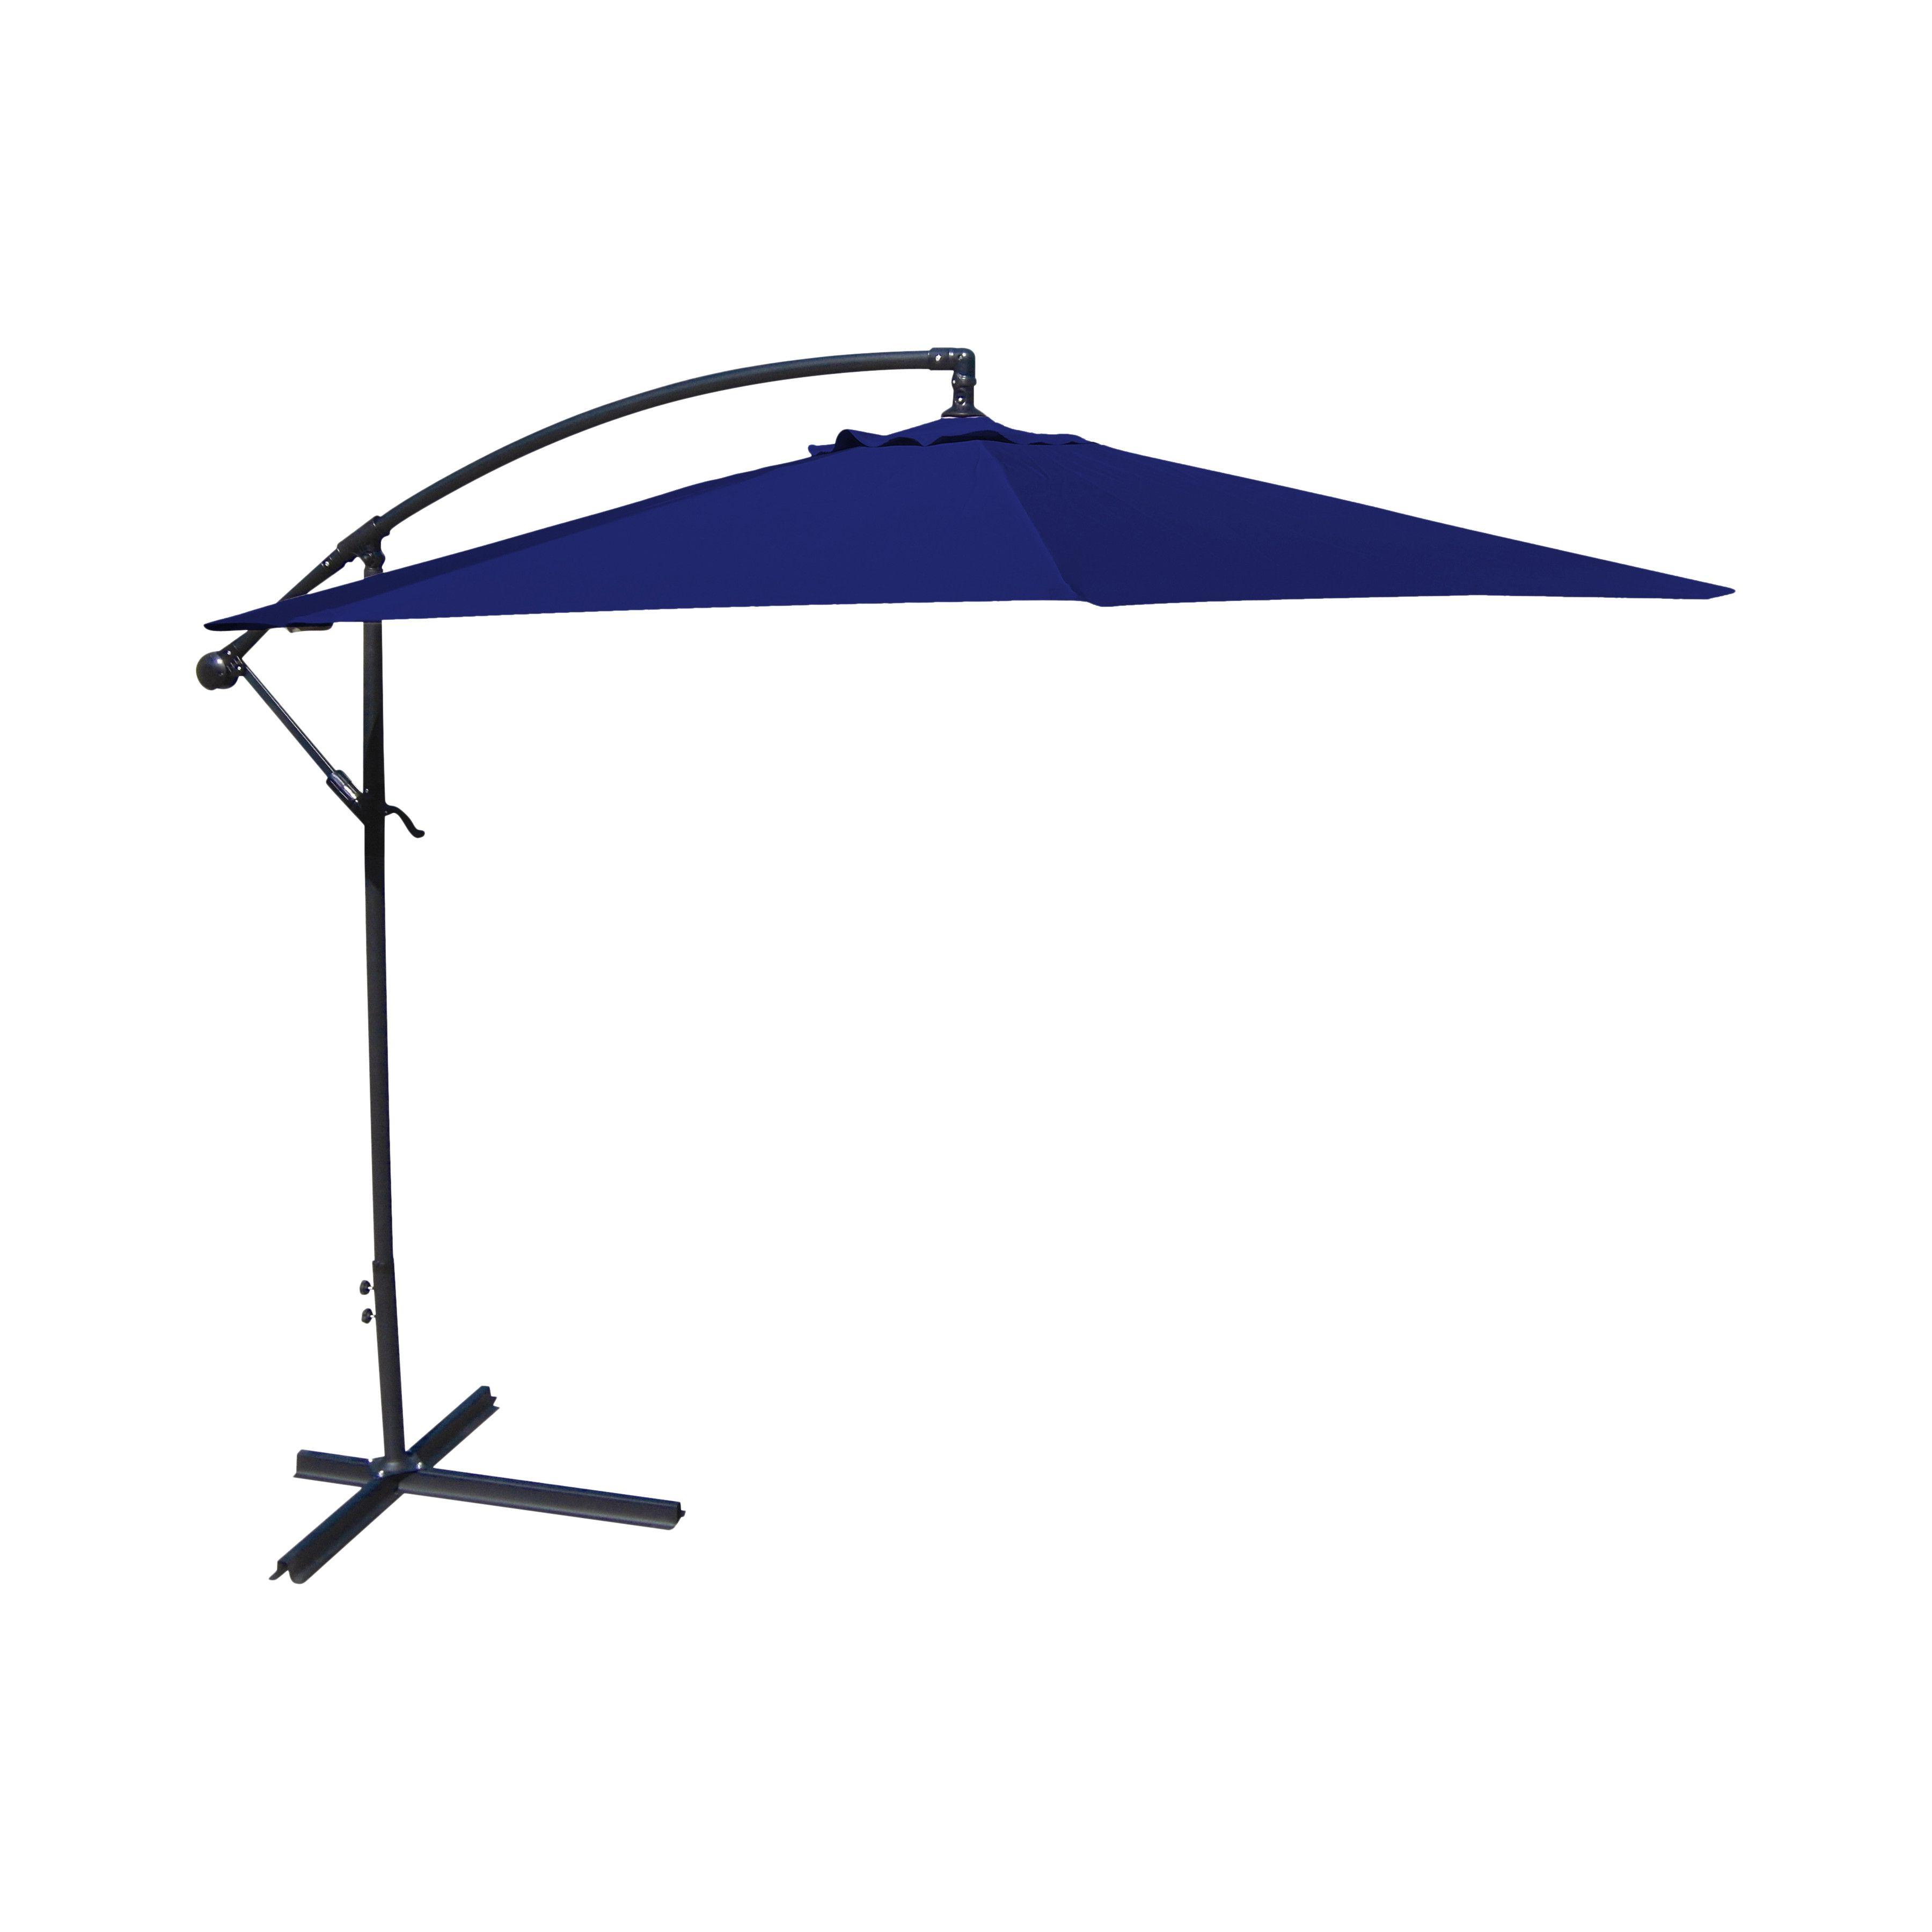 Trotman 10' Cantilever Umbrella (View 17 of 20)